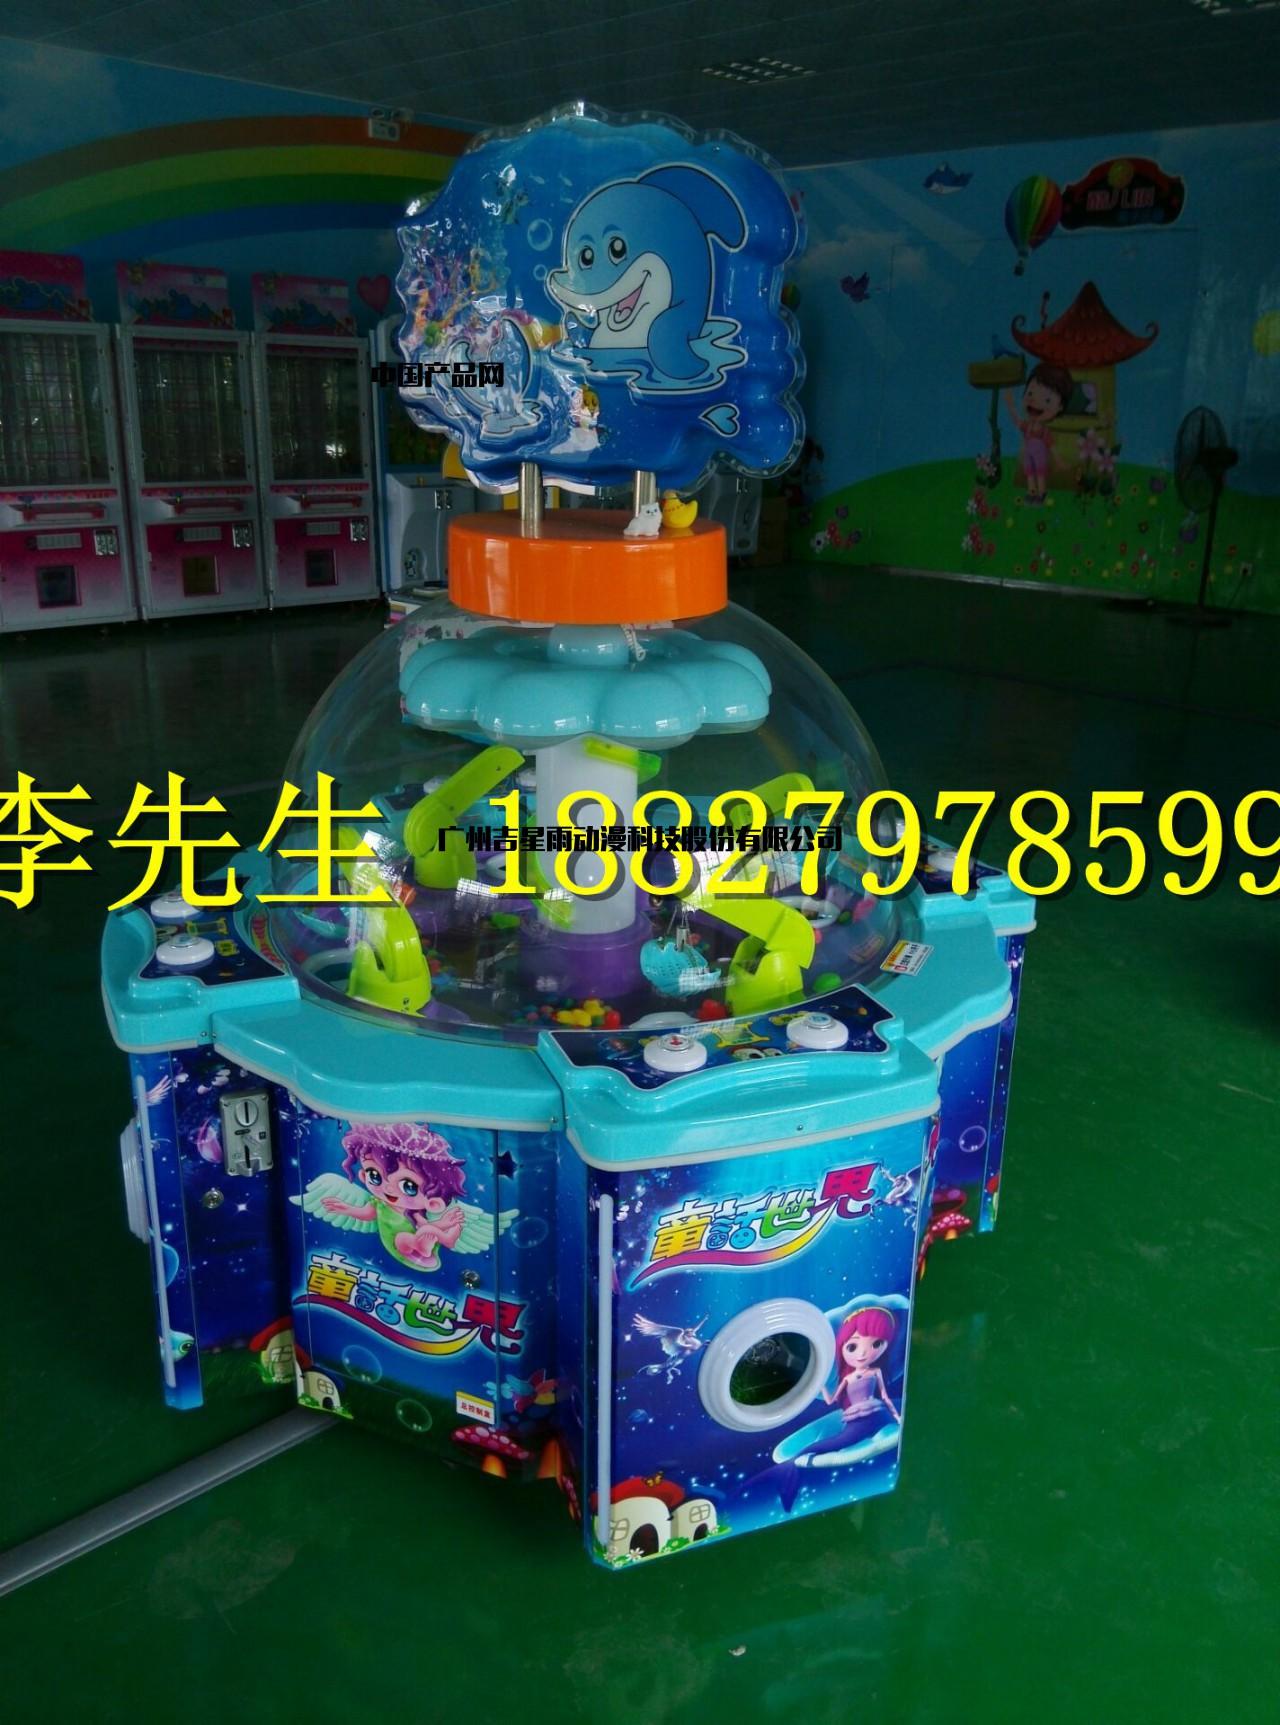 儿童游戏乐园设备_大型儿童游戏机厂家, 儿童乐园 游乐 设备 批发